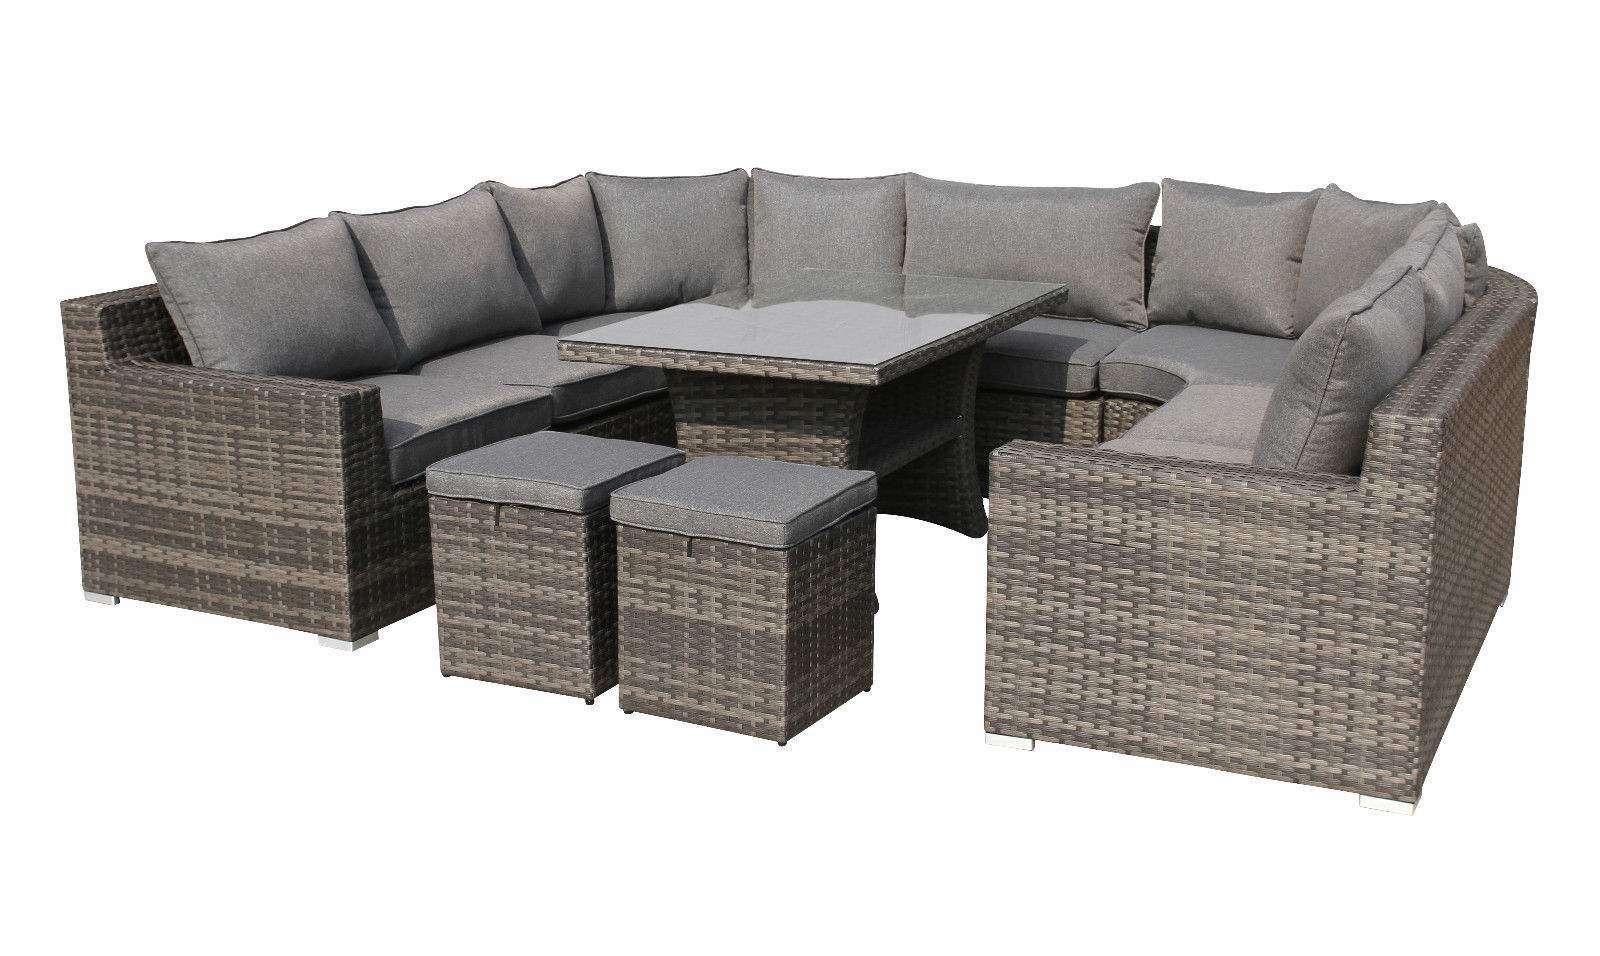 niedlich gartenm bel in holland bilder die kinderzimmer. Black Bedroom Furniture Sets. Home Design Ideas